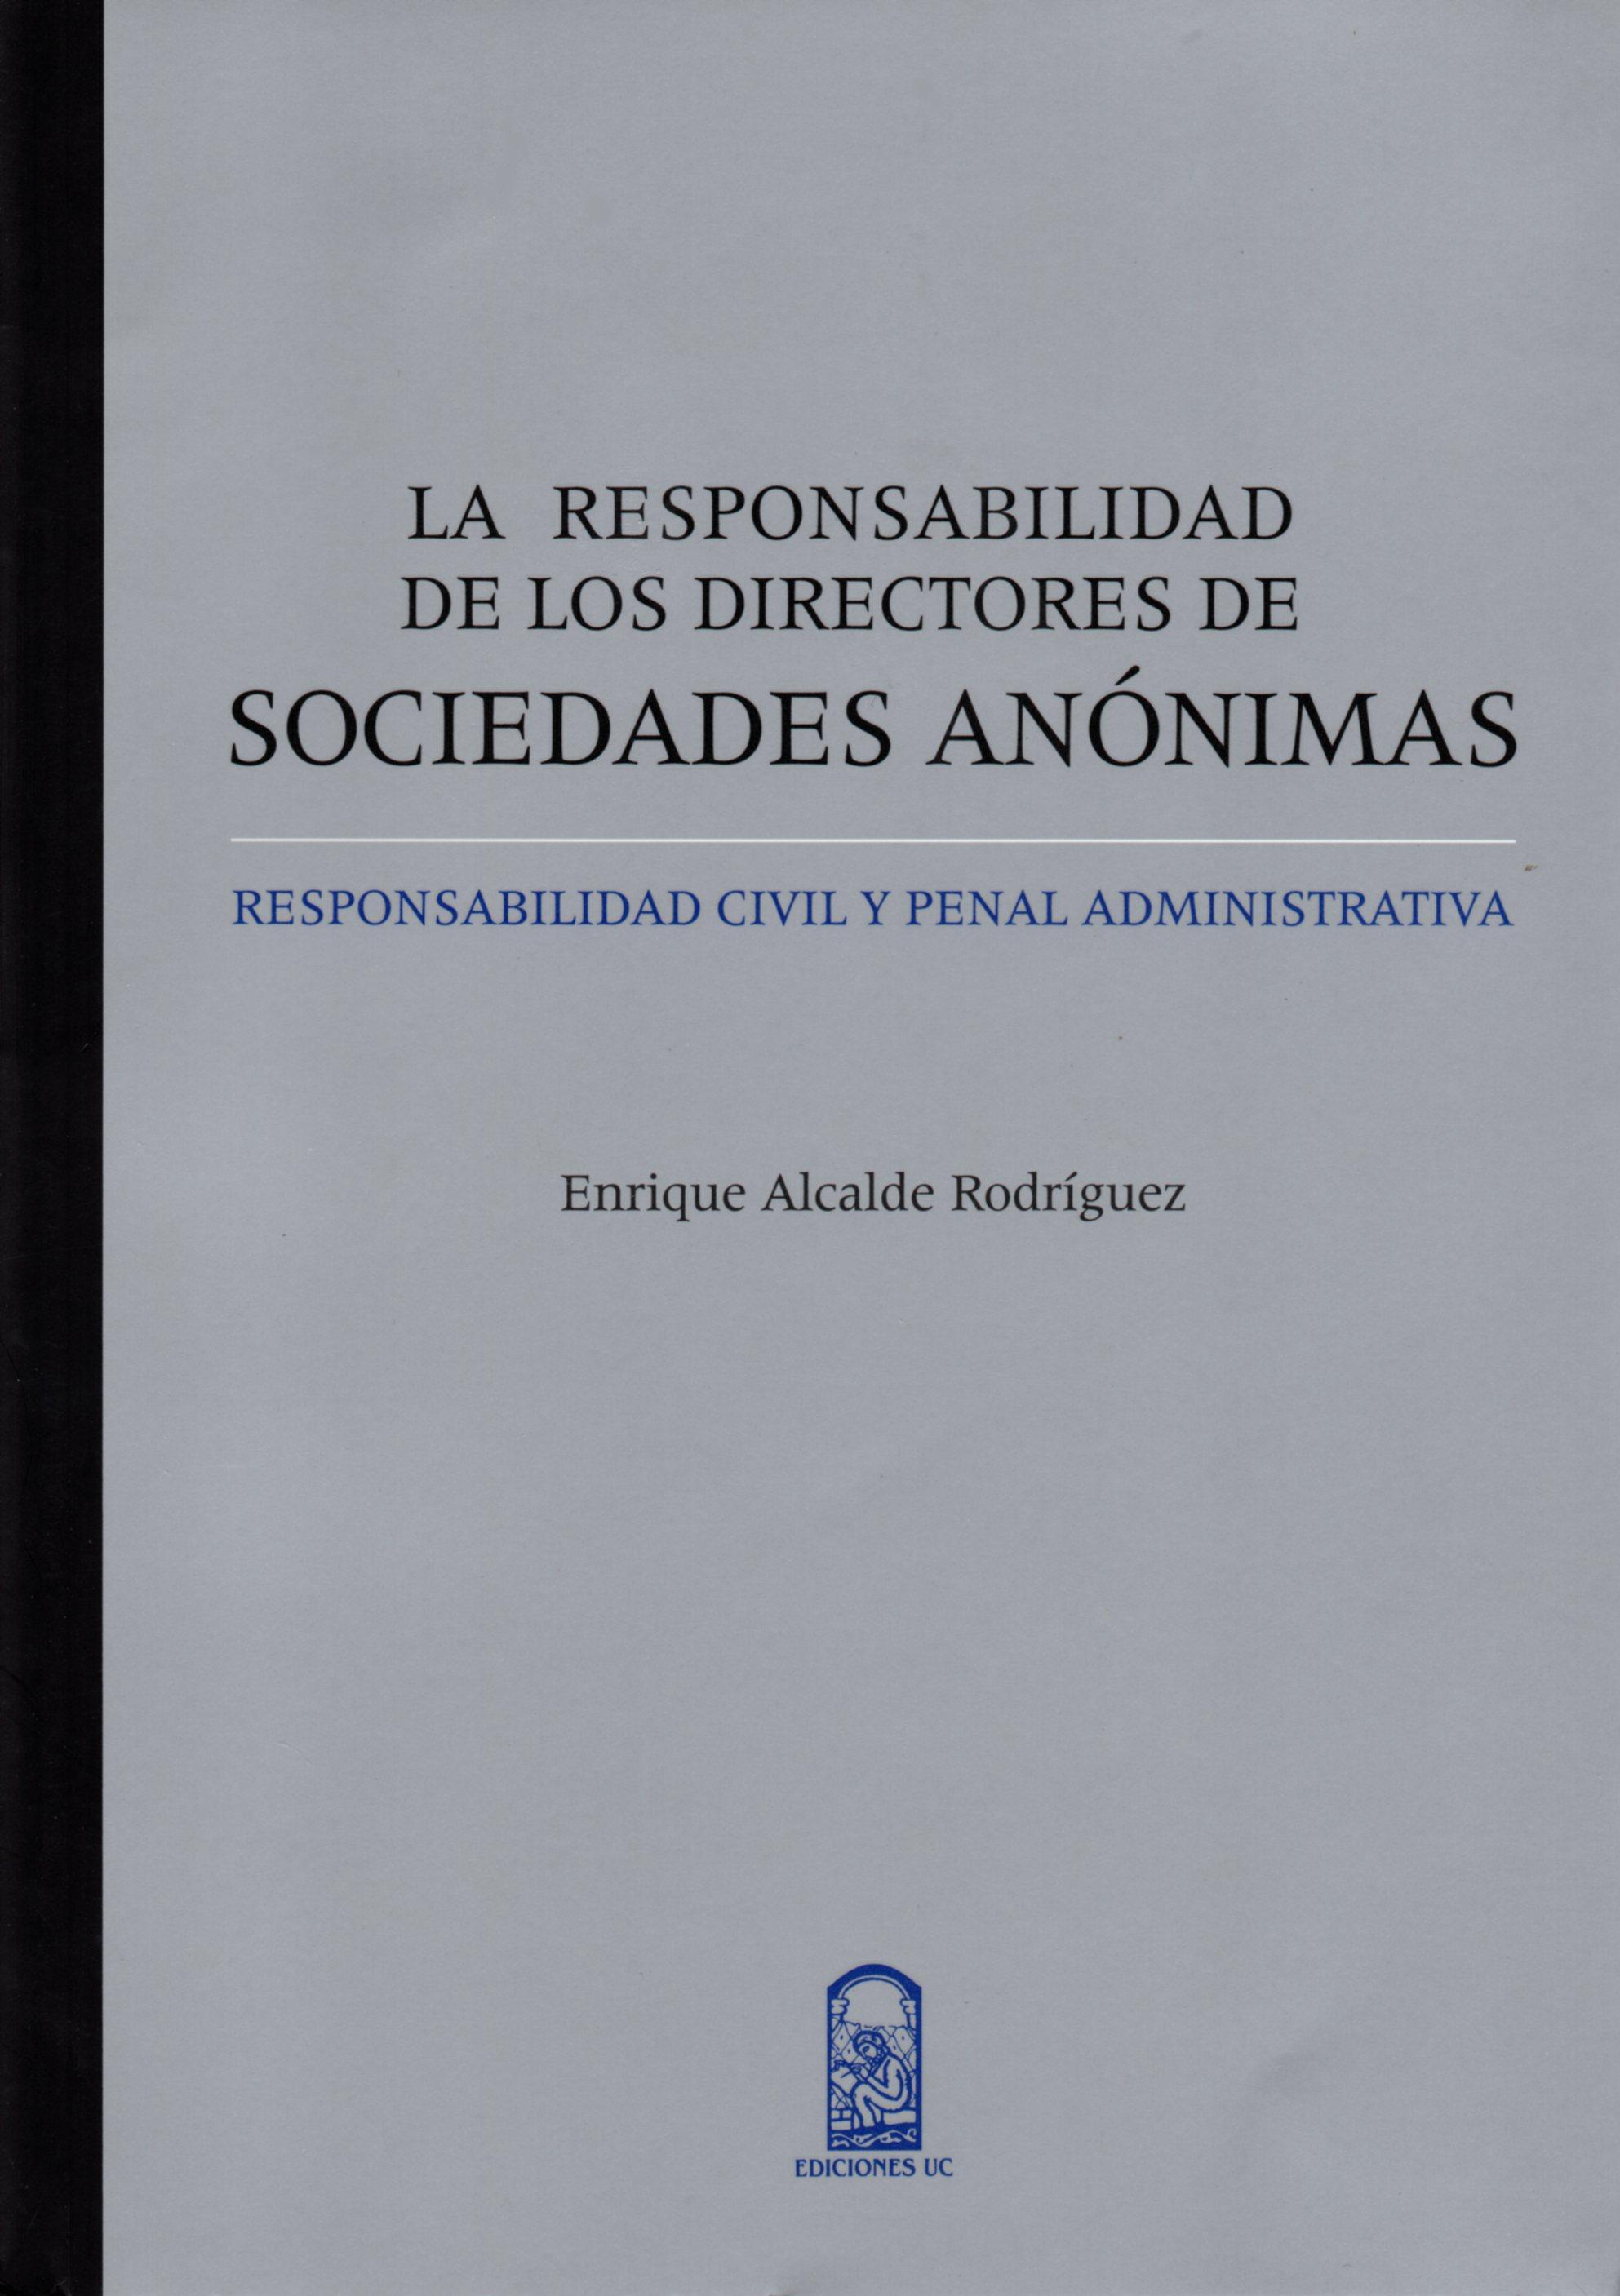 LA RESPONSABILIDAD DE LOS DIRECTORES DE SOCIEDADES ANÓNIMAS ...